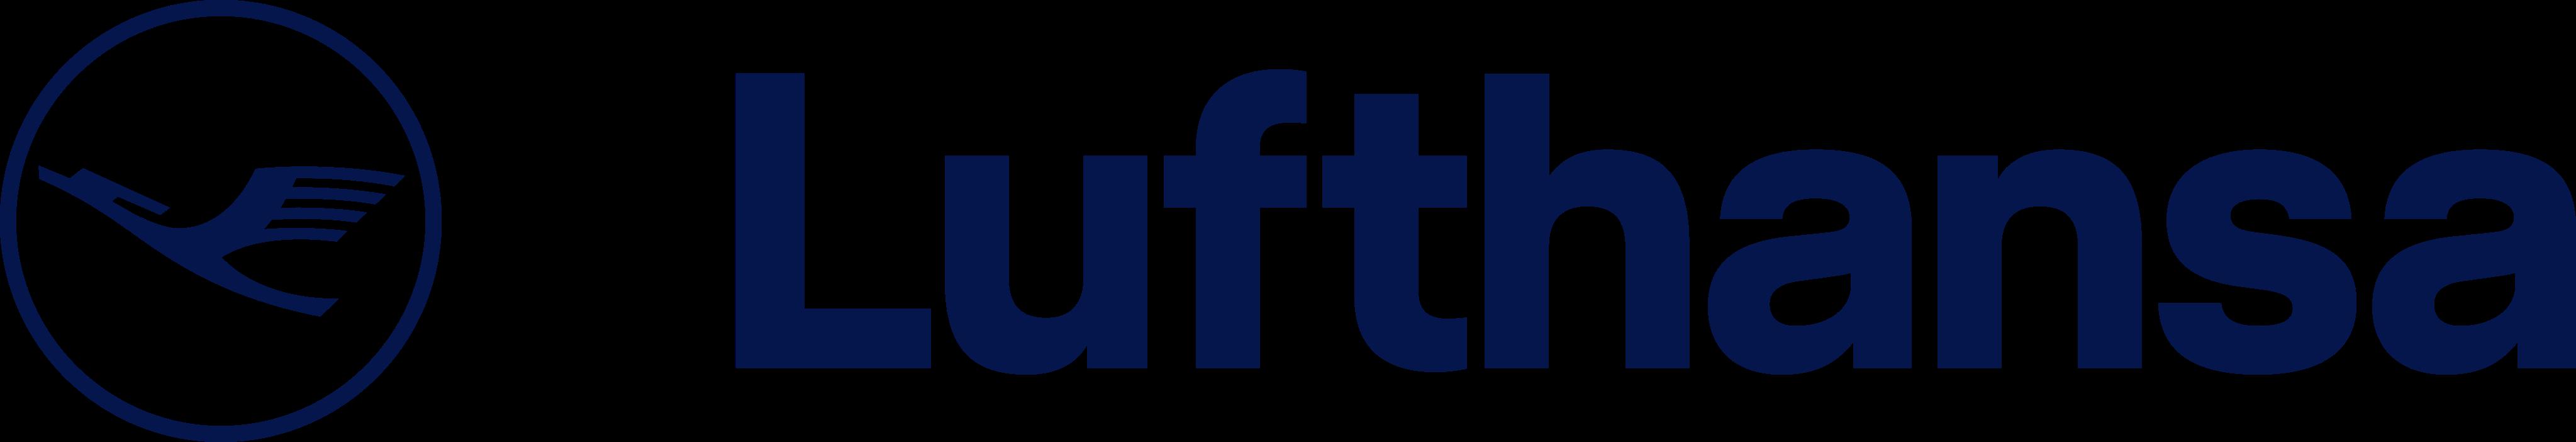 lufthansa logo - Lufthansa Logo